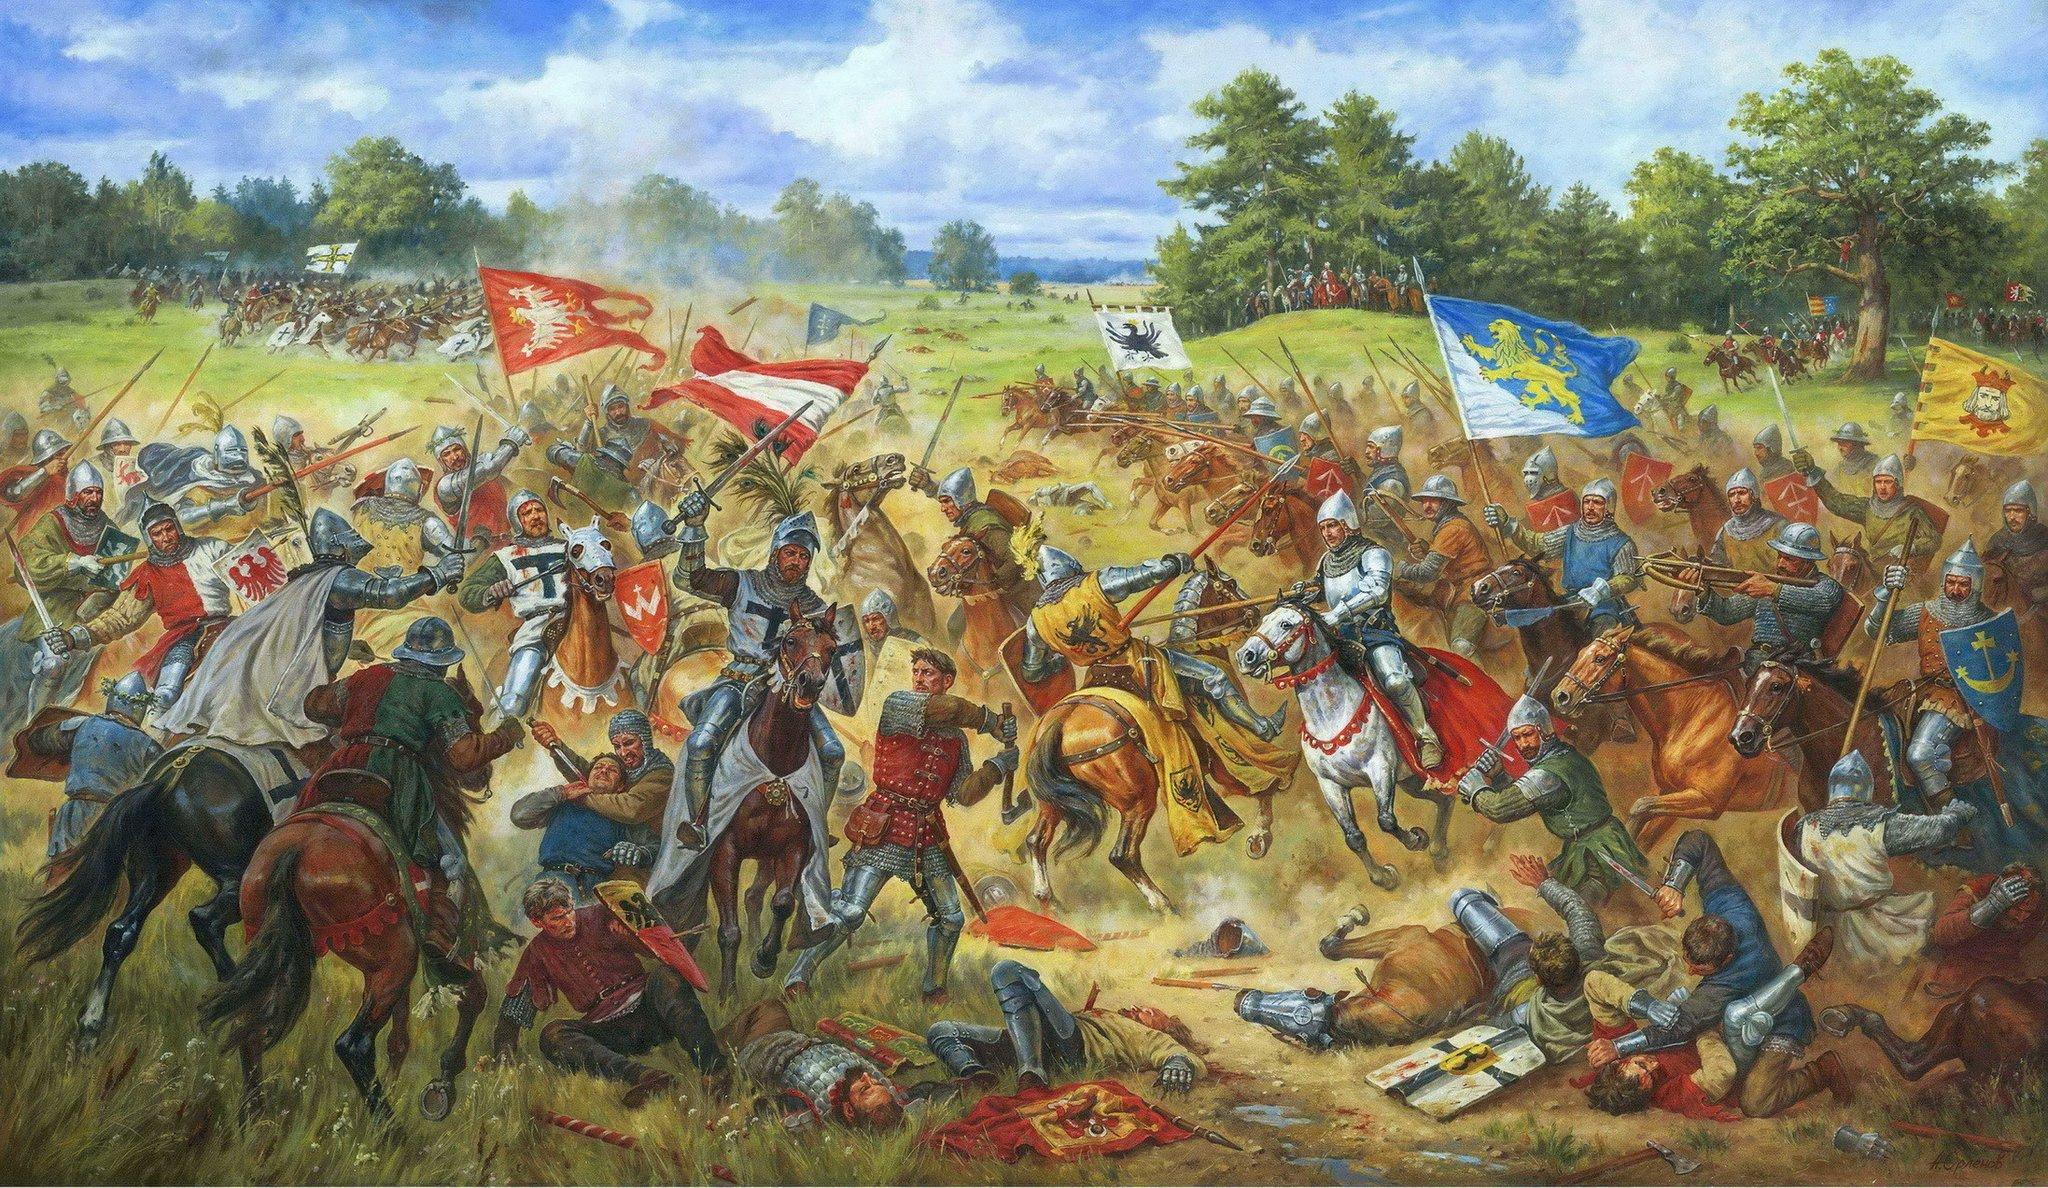 Chorągiew lwowska wbitwie pod Grunwaldem 15 lipca 1410 roku Źródło: Артур Орльонов, Chorągiew lwowska wbitwie pod Grunwaldem 15 lipca 1410 roku, 2012, licencja: CC BY-SA 3.0.